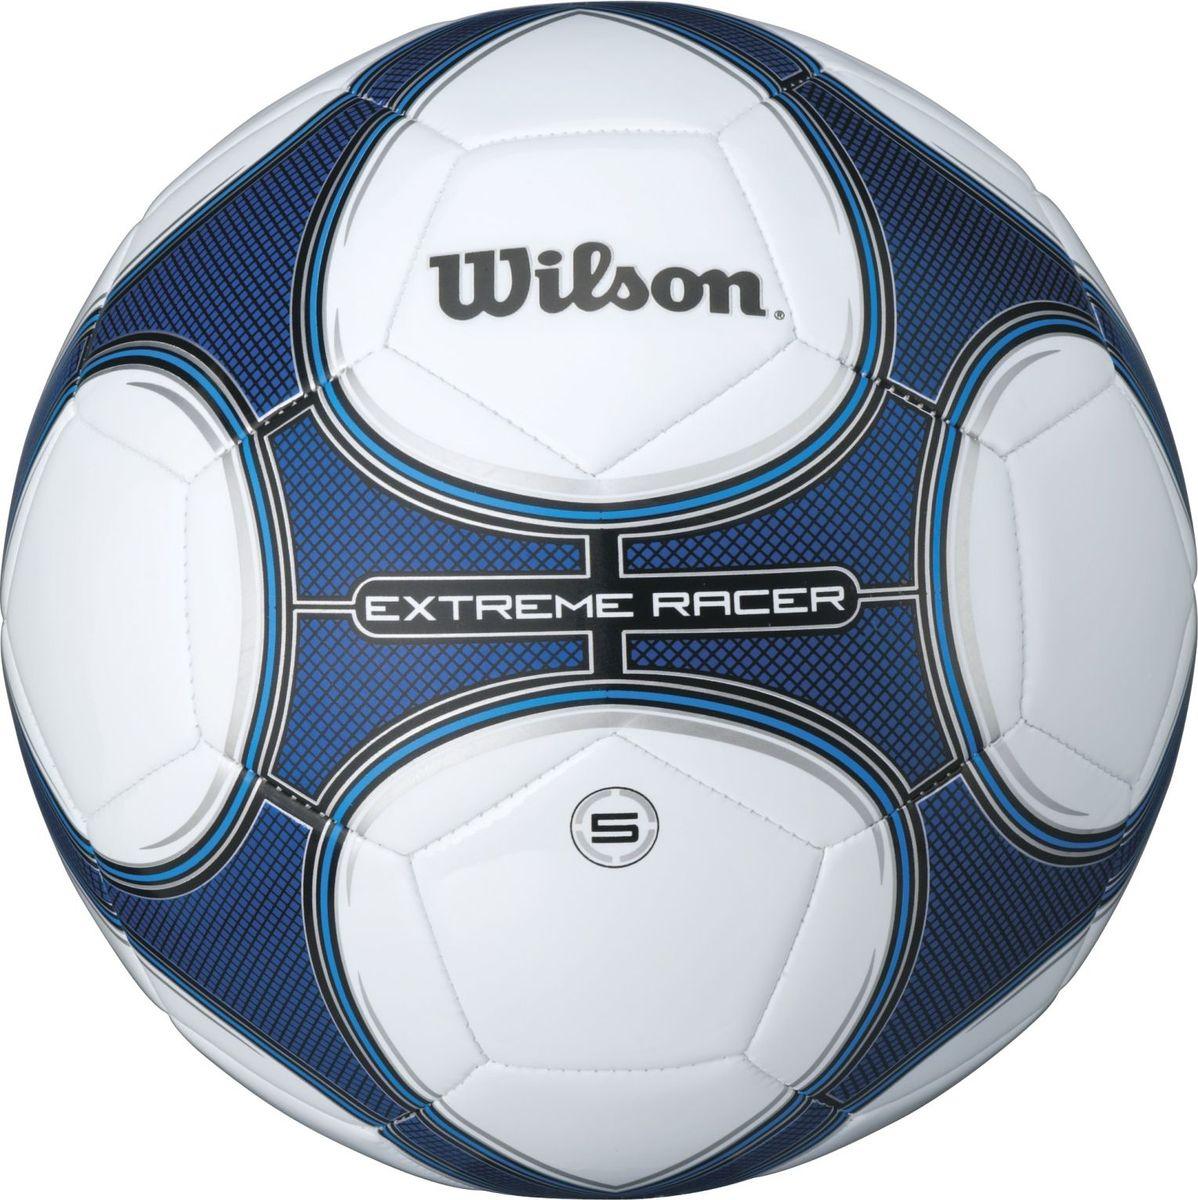 Мяч футбольный Wilson Extreme Racer, цвет: сини, белый. Размер 5WTE8715XB05Футбольный мяч Wilson Extreme Racer выполнен из композитных материалов. Мяч имеет 32 панели, сшитые вручную. Устойчив к трению и износу, подходит для игры на любых поверхностях в любых погодных условиях. Футбольный мяч Wilson Extreme Racer может выдерживать не только грунтовые поверхности, но и асфальт, он стойкий к сильным ударам, комфортный и оригинальный благодаря своему дизайну.Длина окружности: 68 см. УВАЖАЕМЫЕ КЛИЕНТЫ!Просим обратить ваше внимание на тот факт, что мяч поставляется в сдутом состоянии и надувается при помощи насоса (насос не входит в комплект).